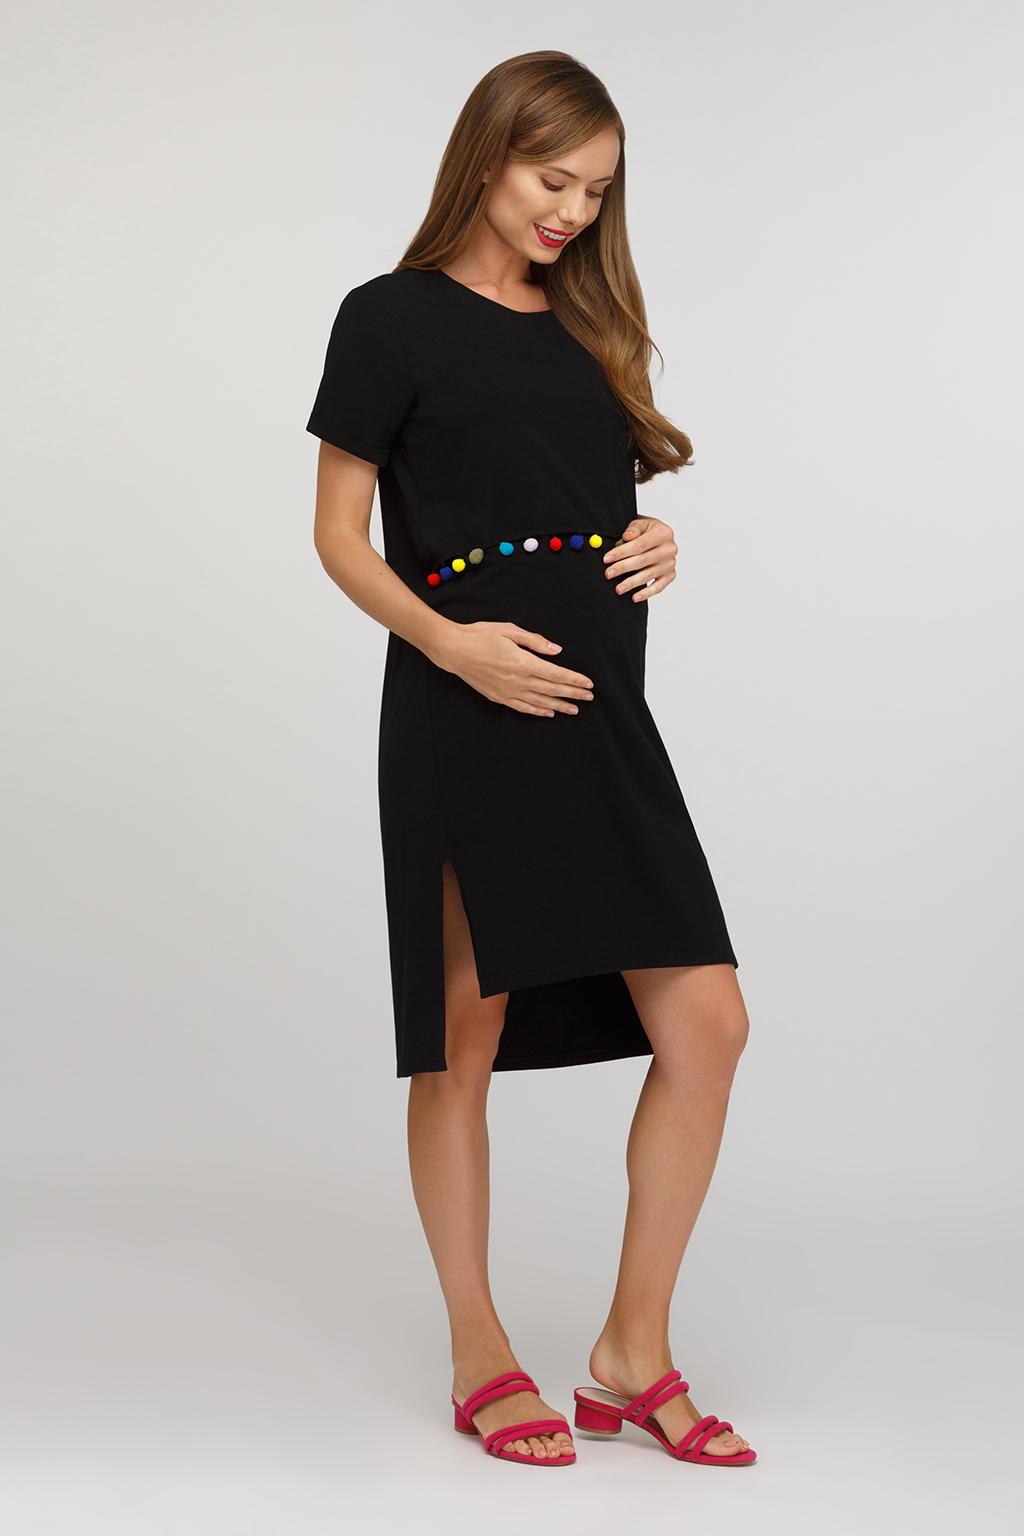 Платье-футболка для будущих и кормящих мам - Фото 3